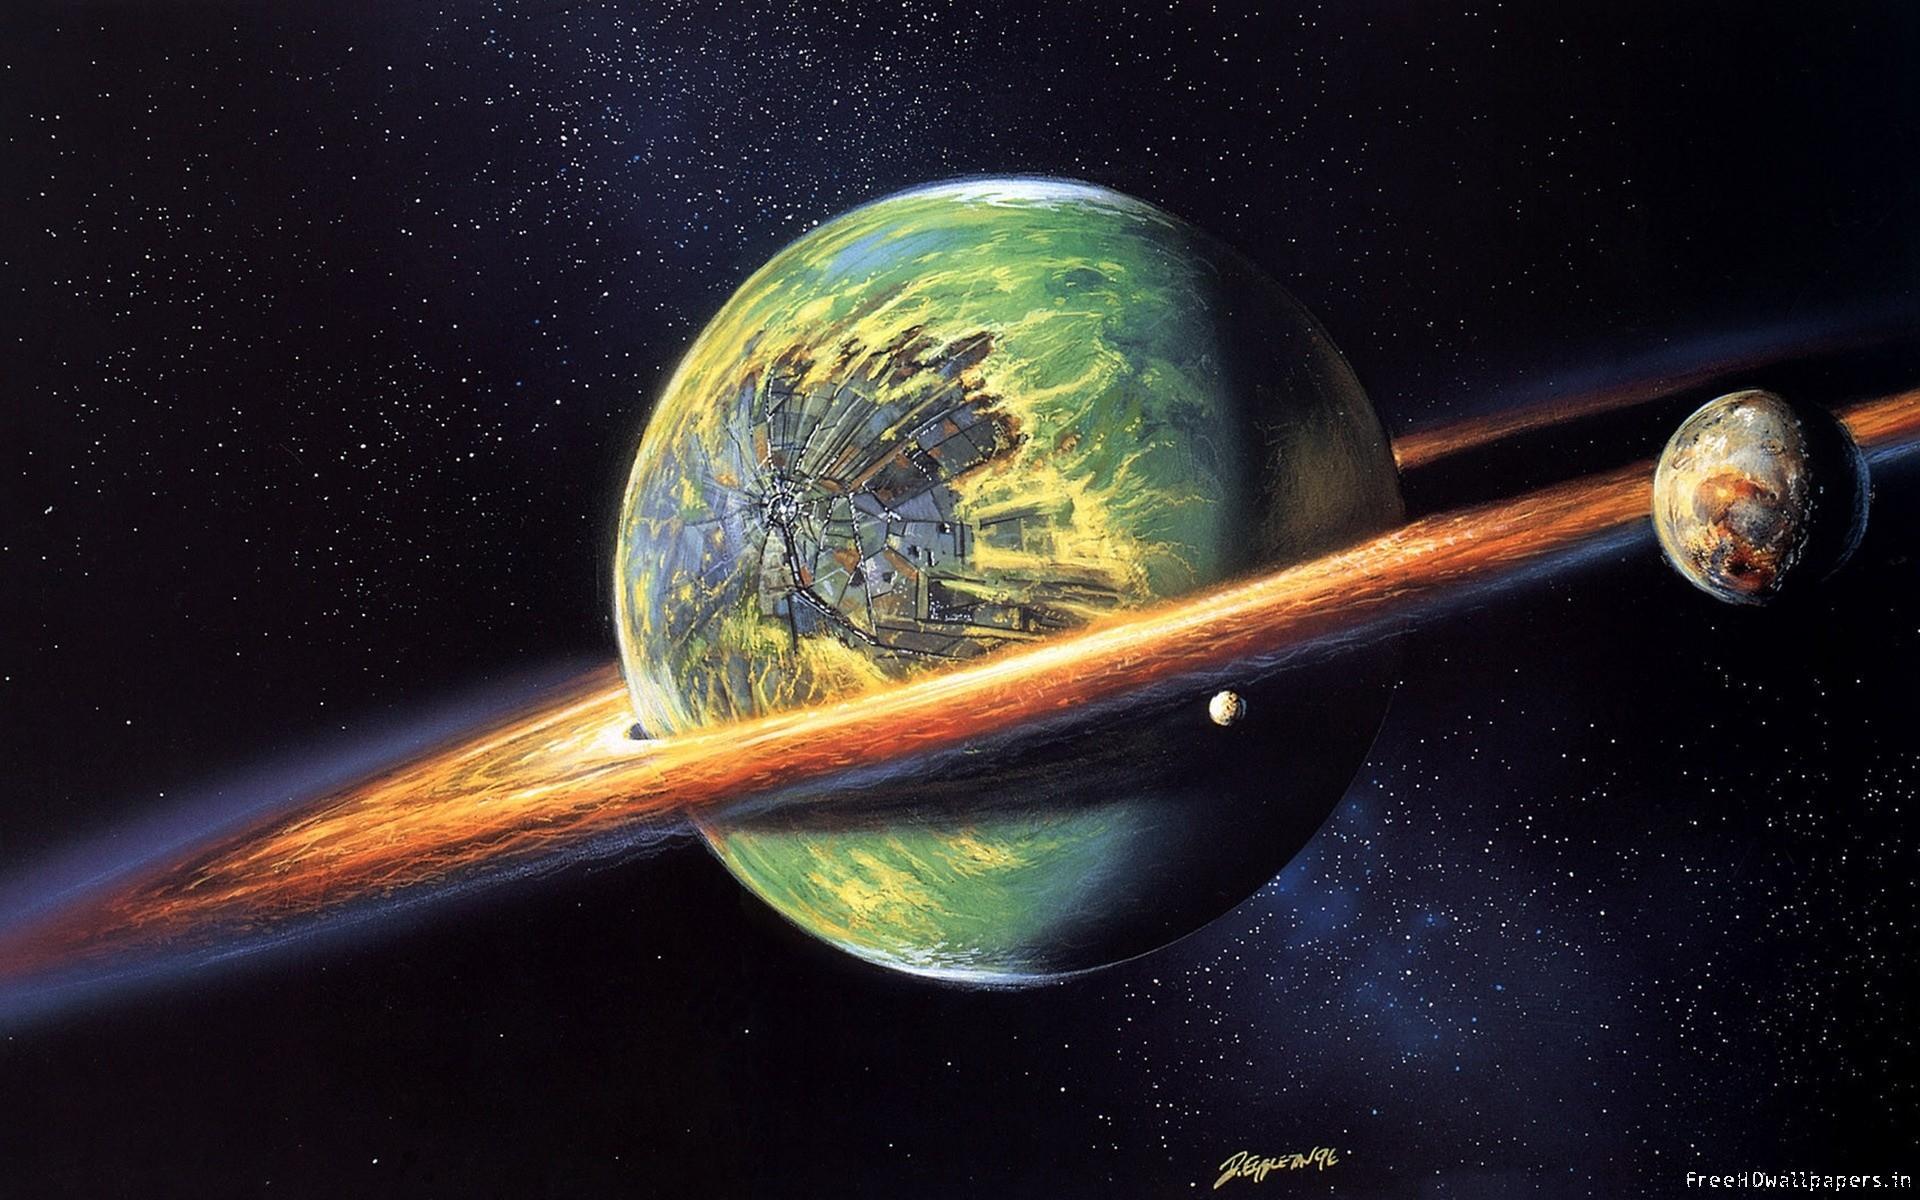 wallpaper-3D planet wallpaper-1920×1200-HD.jpg (1920×1200) | Saturn |  Pinterest | Planets and Wallpaper